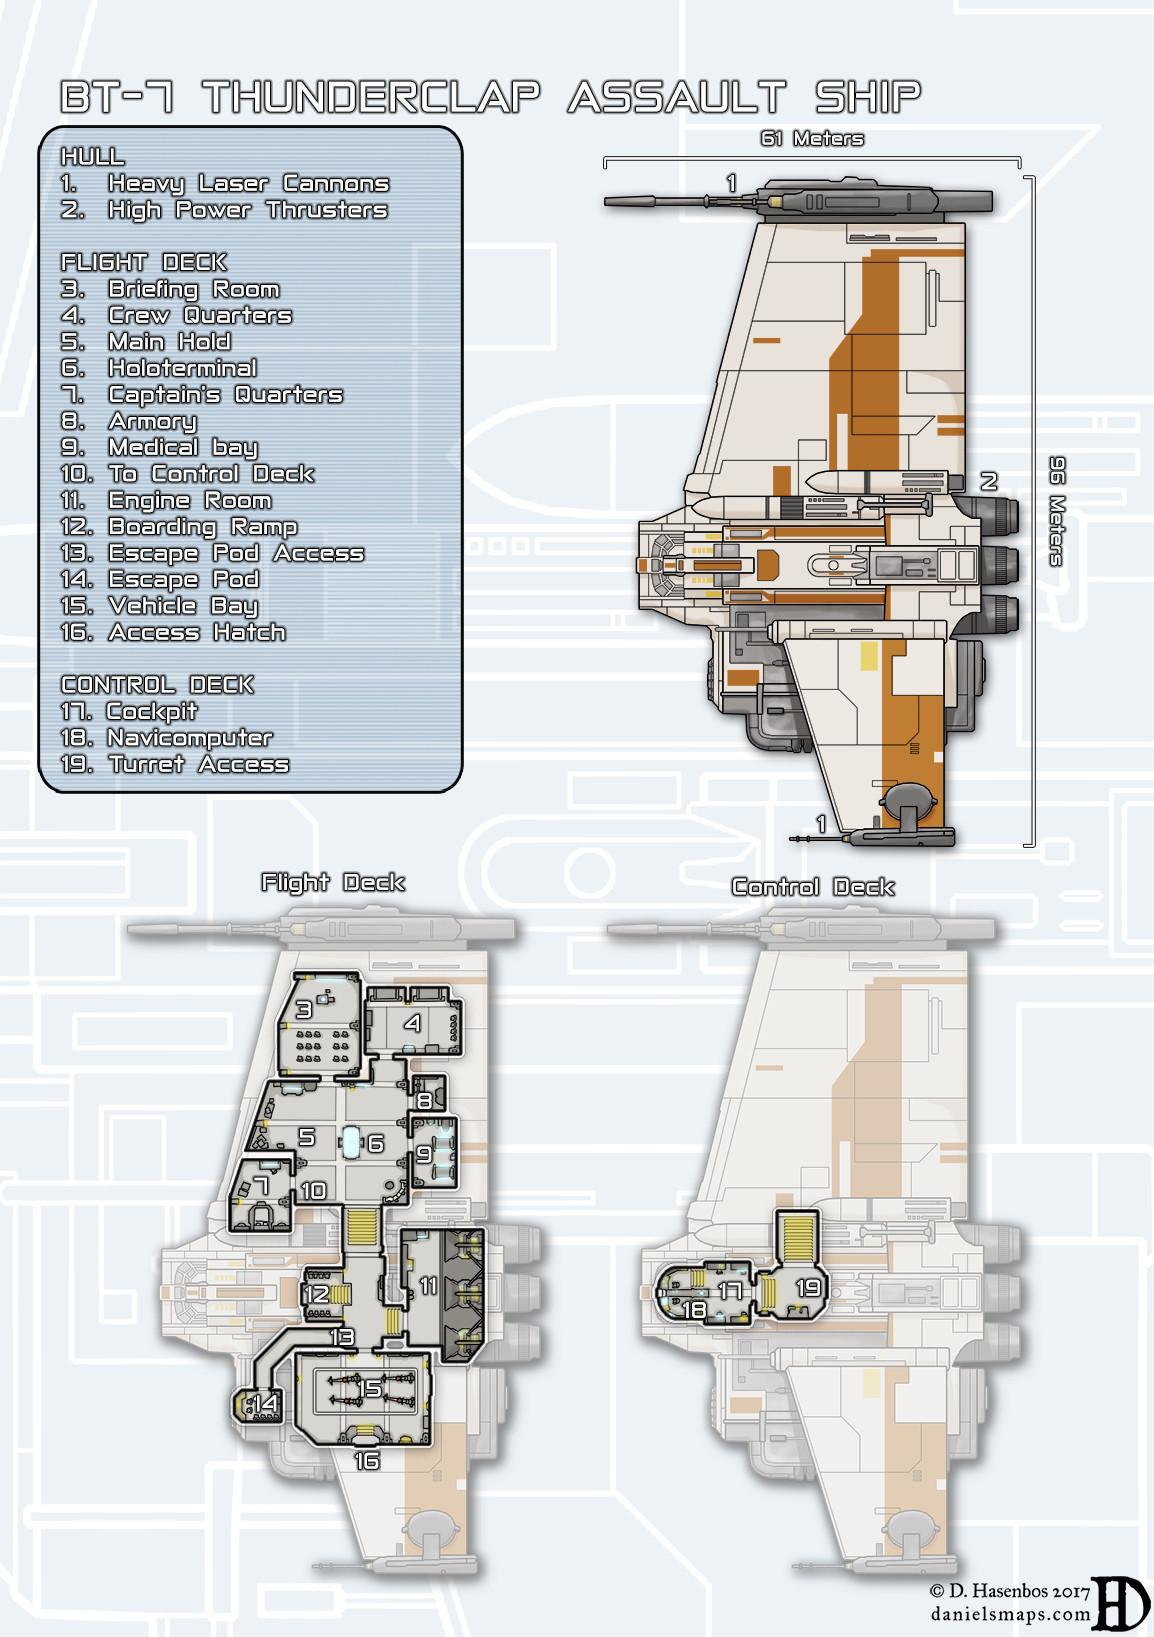 small resolution of bt 7 thunderclap assault ship